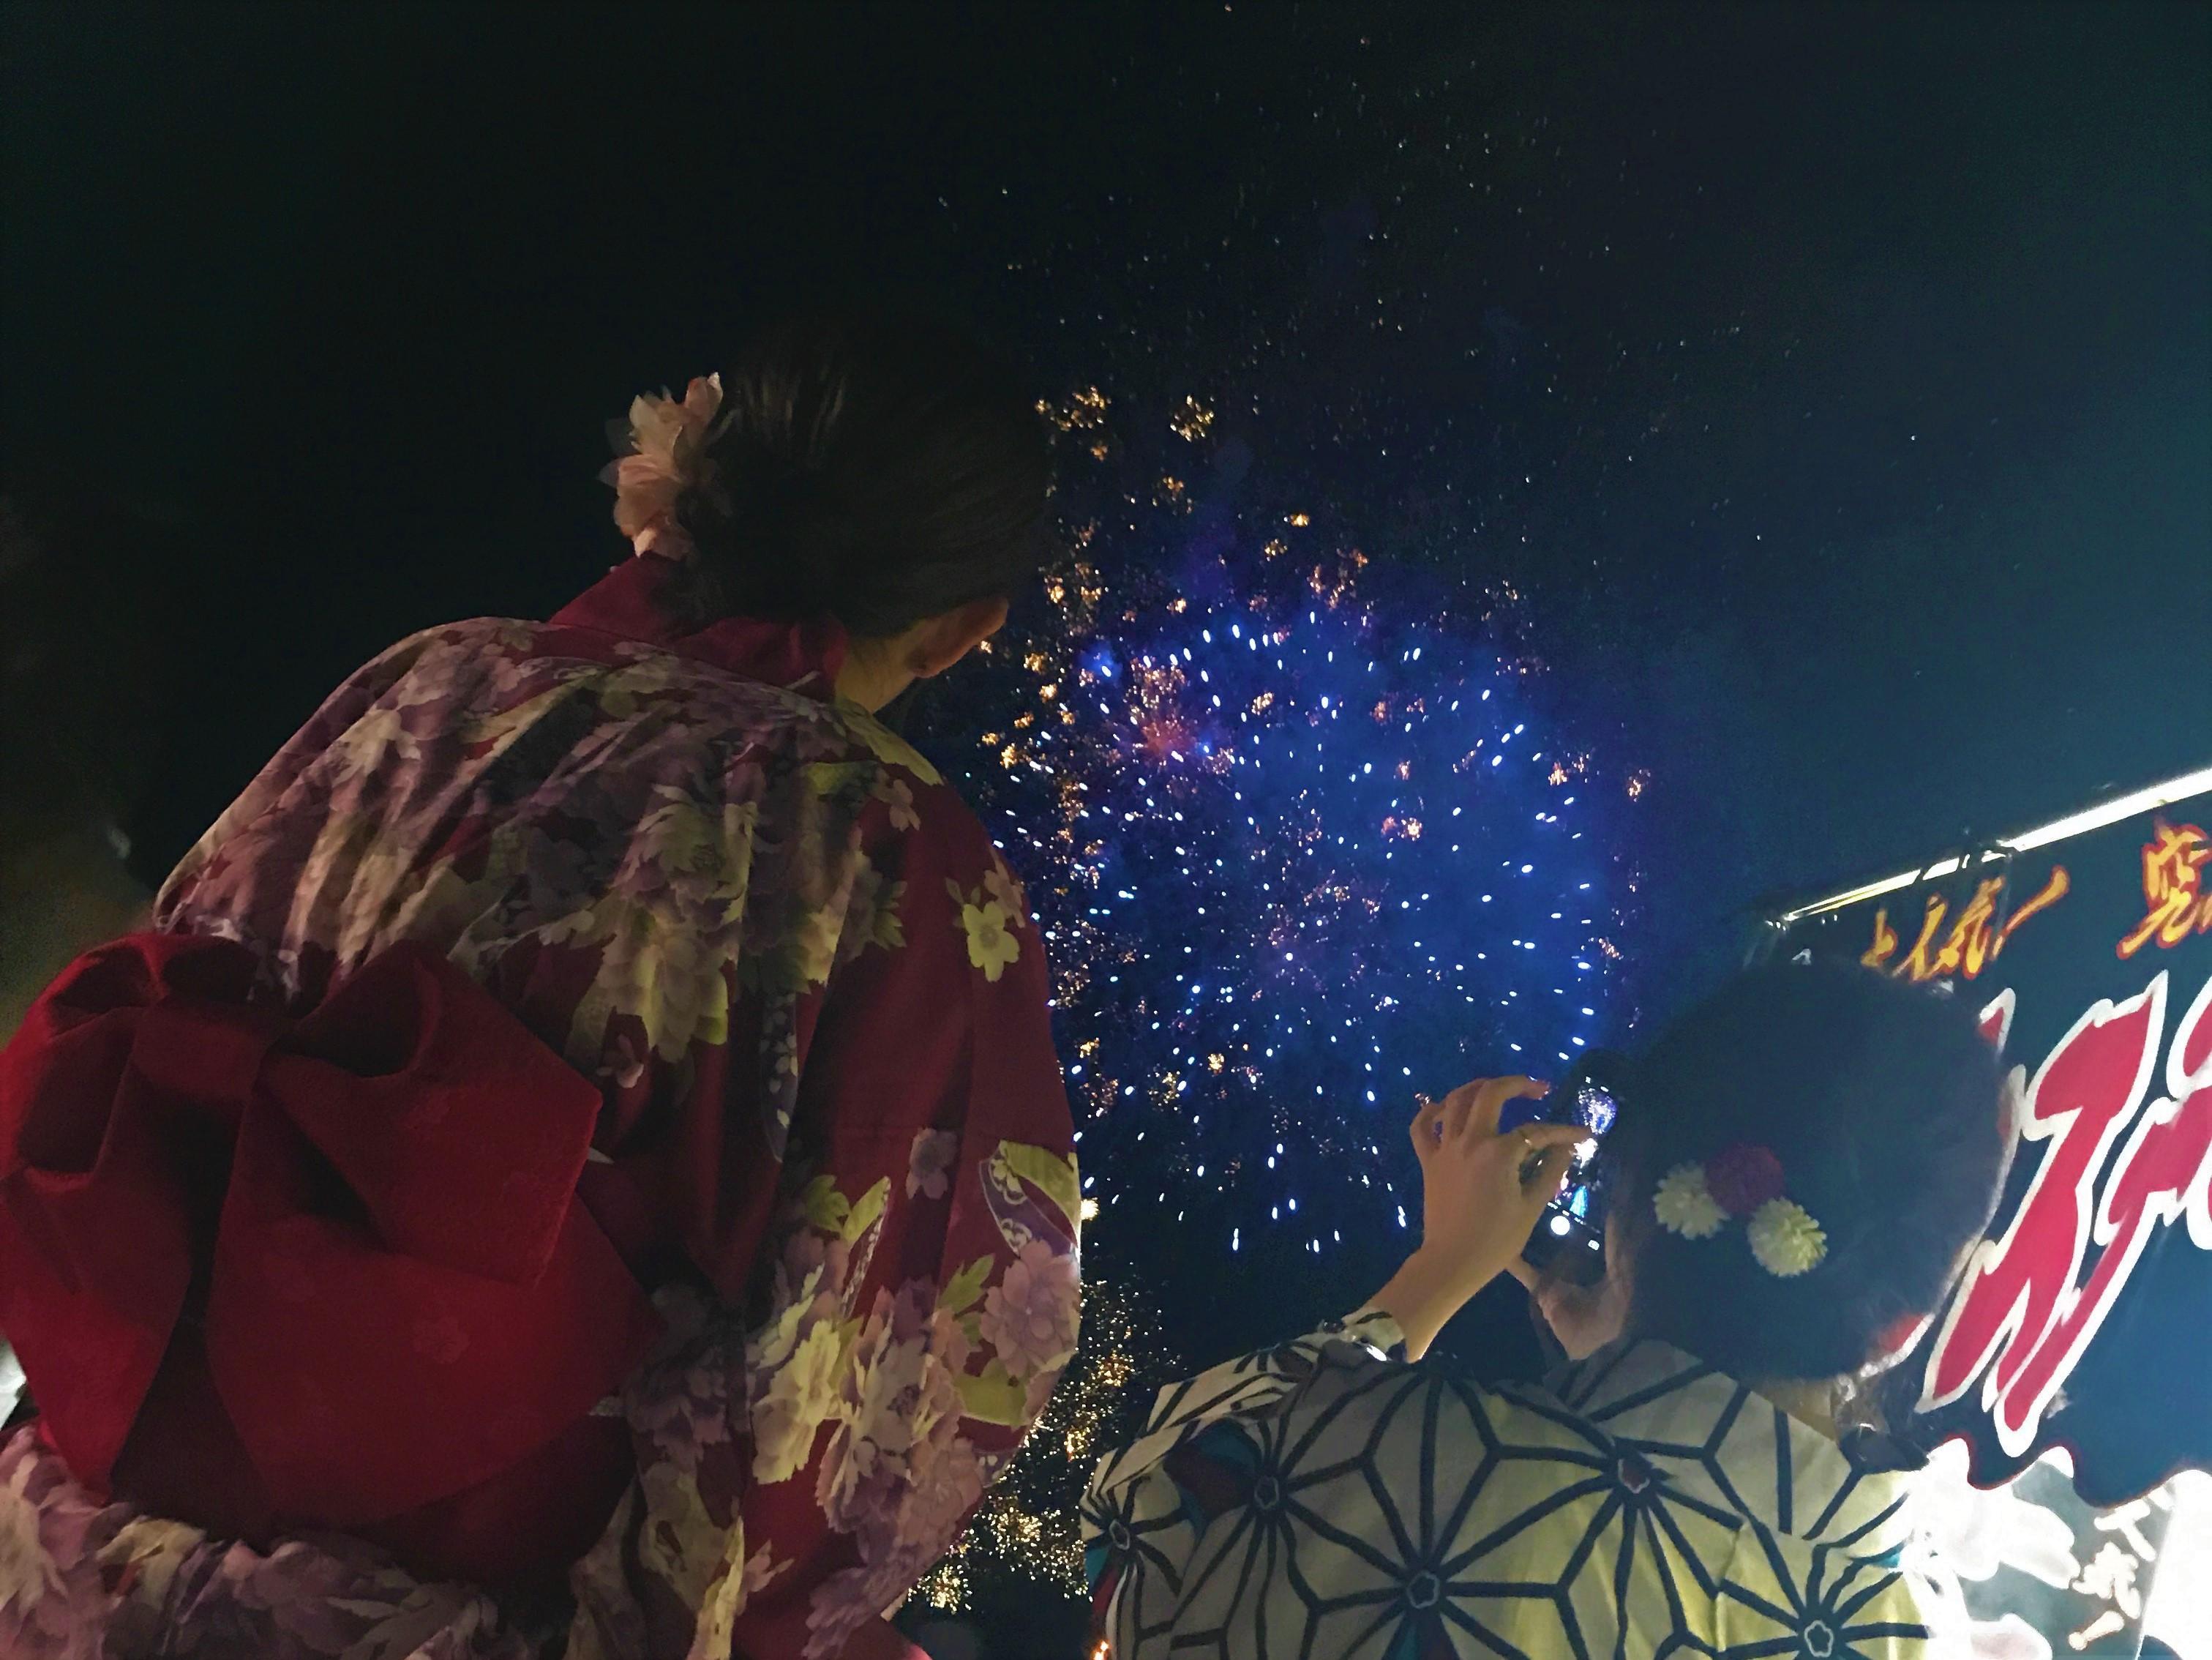 熊谷花火大会の花火と浴衣の画像